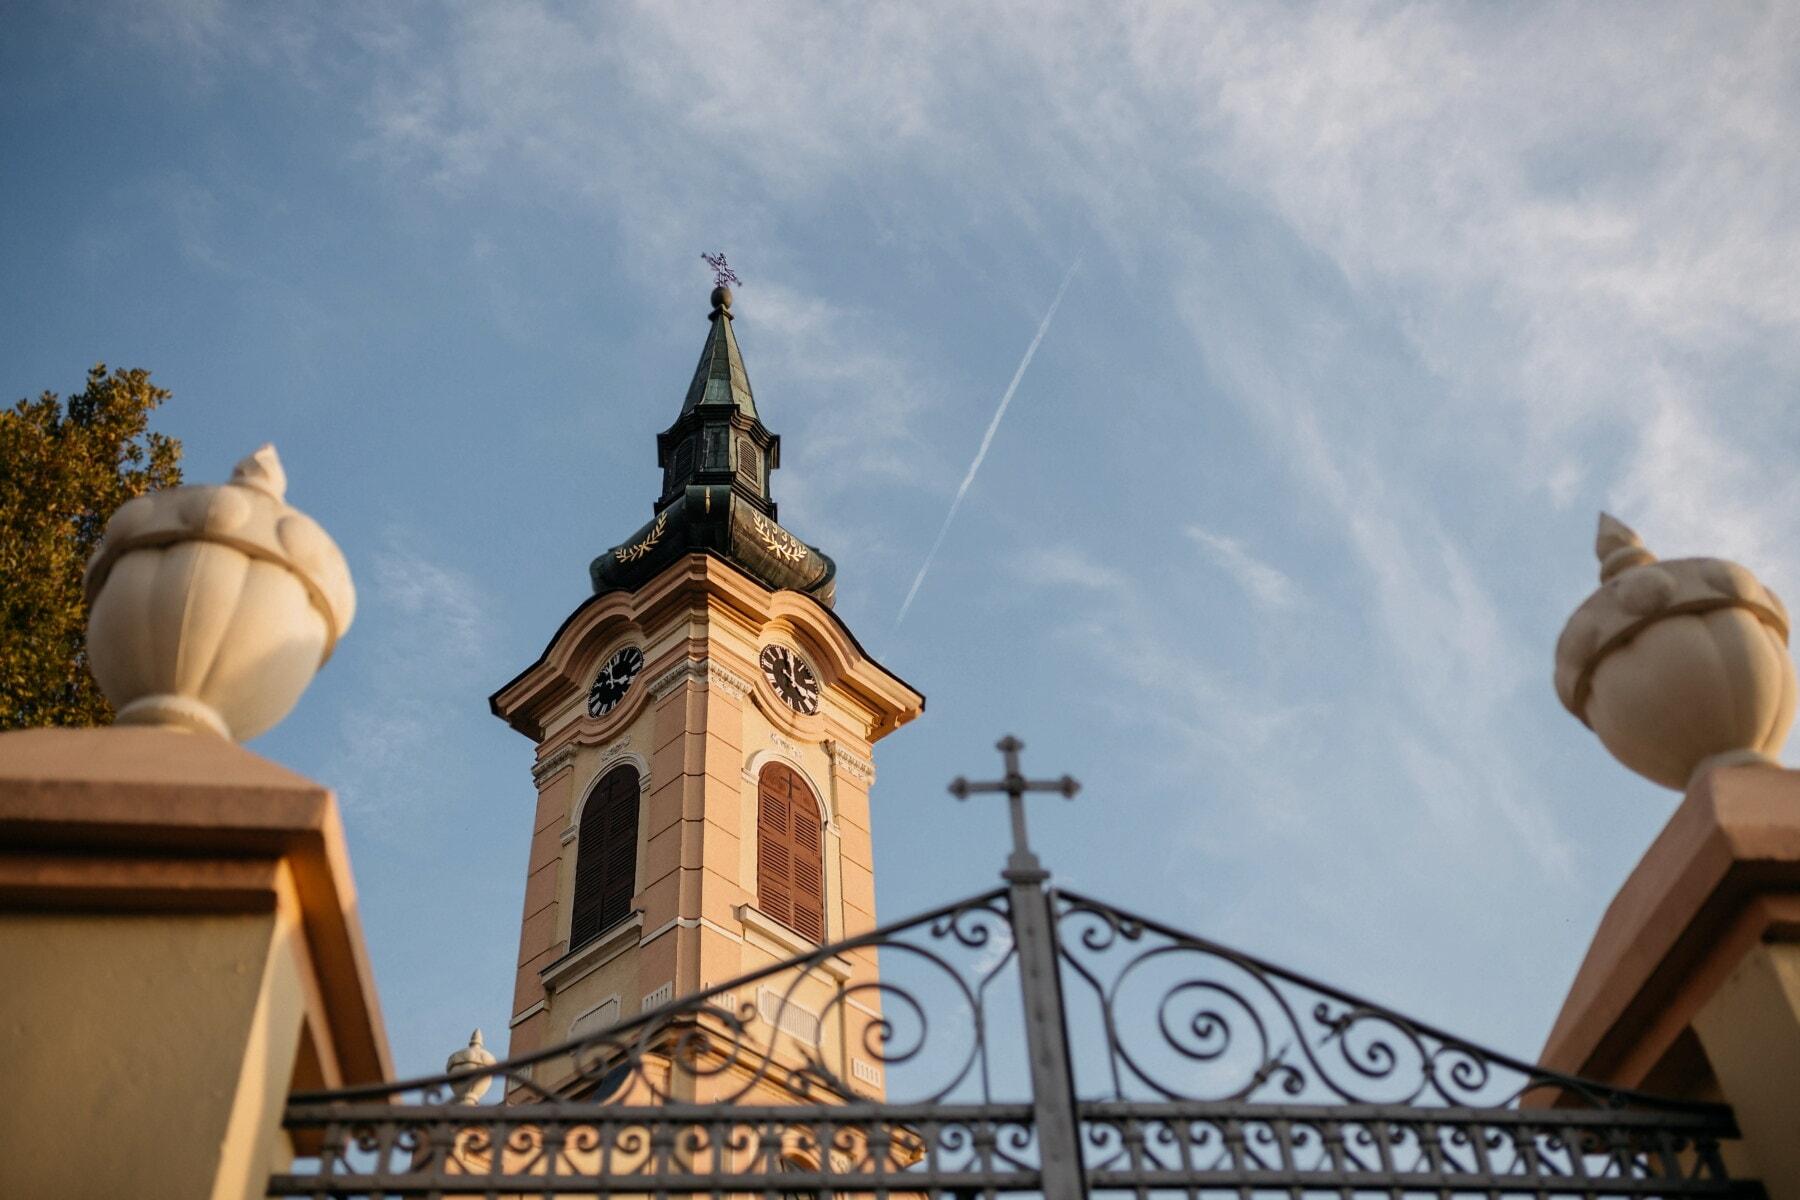 kyrktornet, ortodoxa, staket, ytterdörren, gjutjärn, vinkel, hörnet, arkitektur, domkyrkan, kyrkan